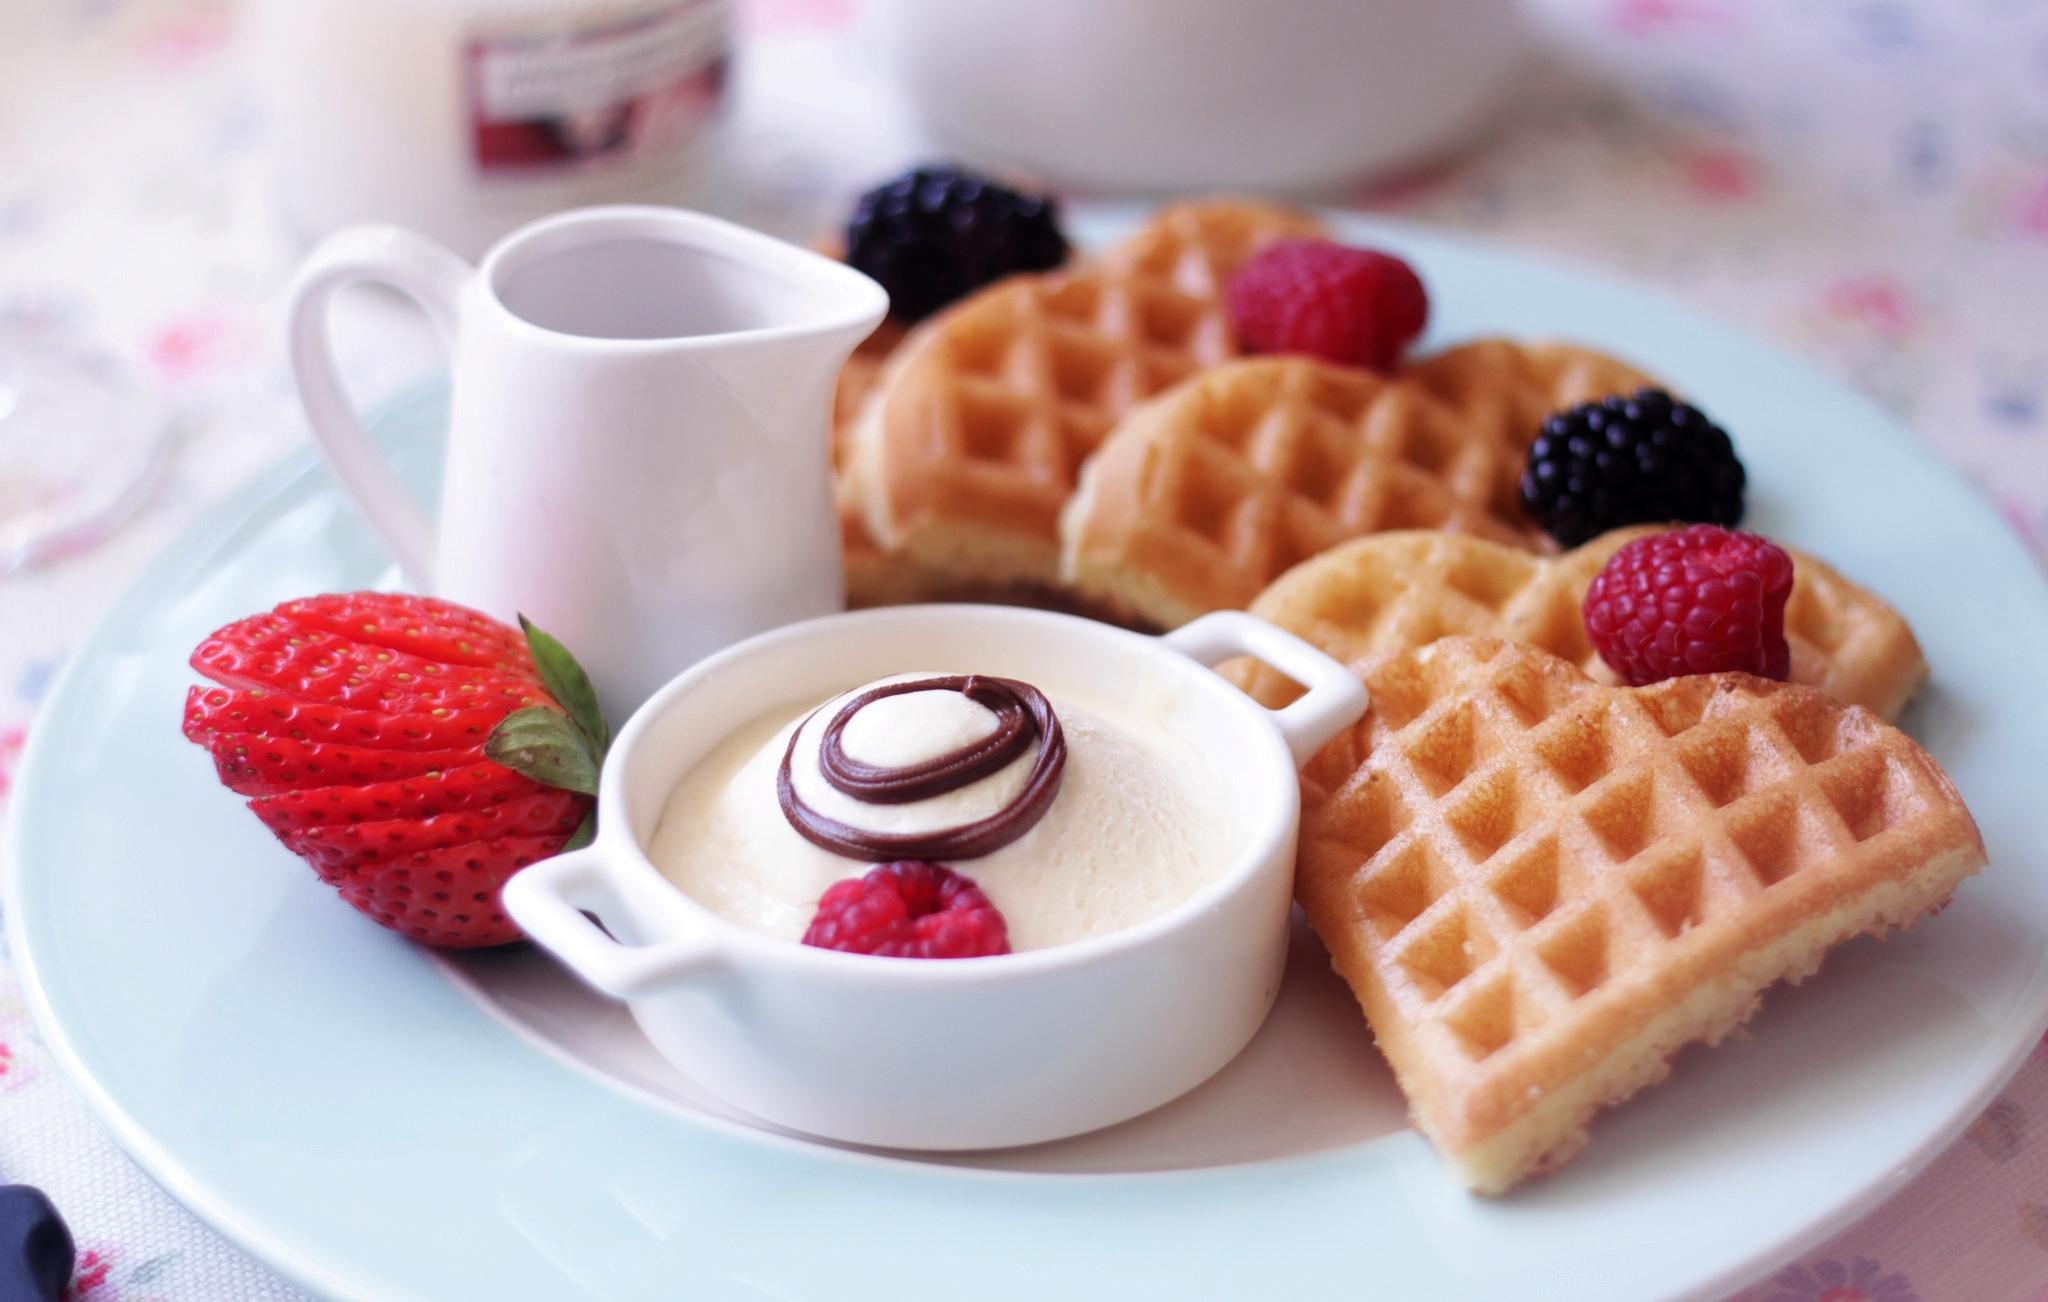 вкусный завтрак бесплатно